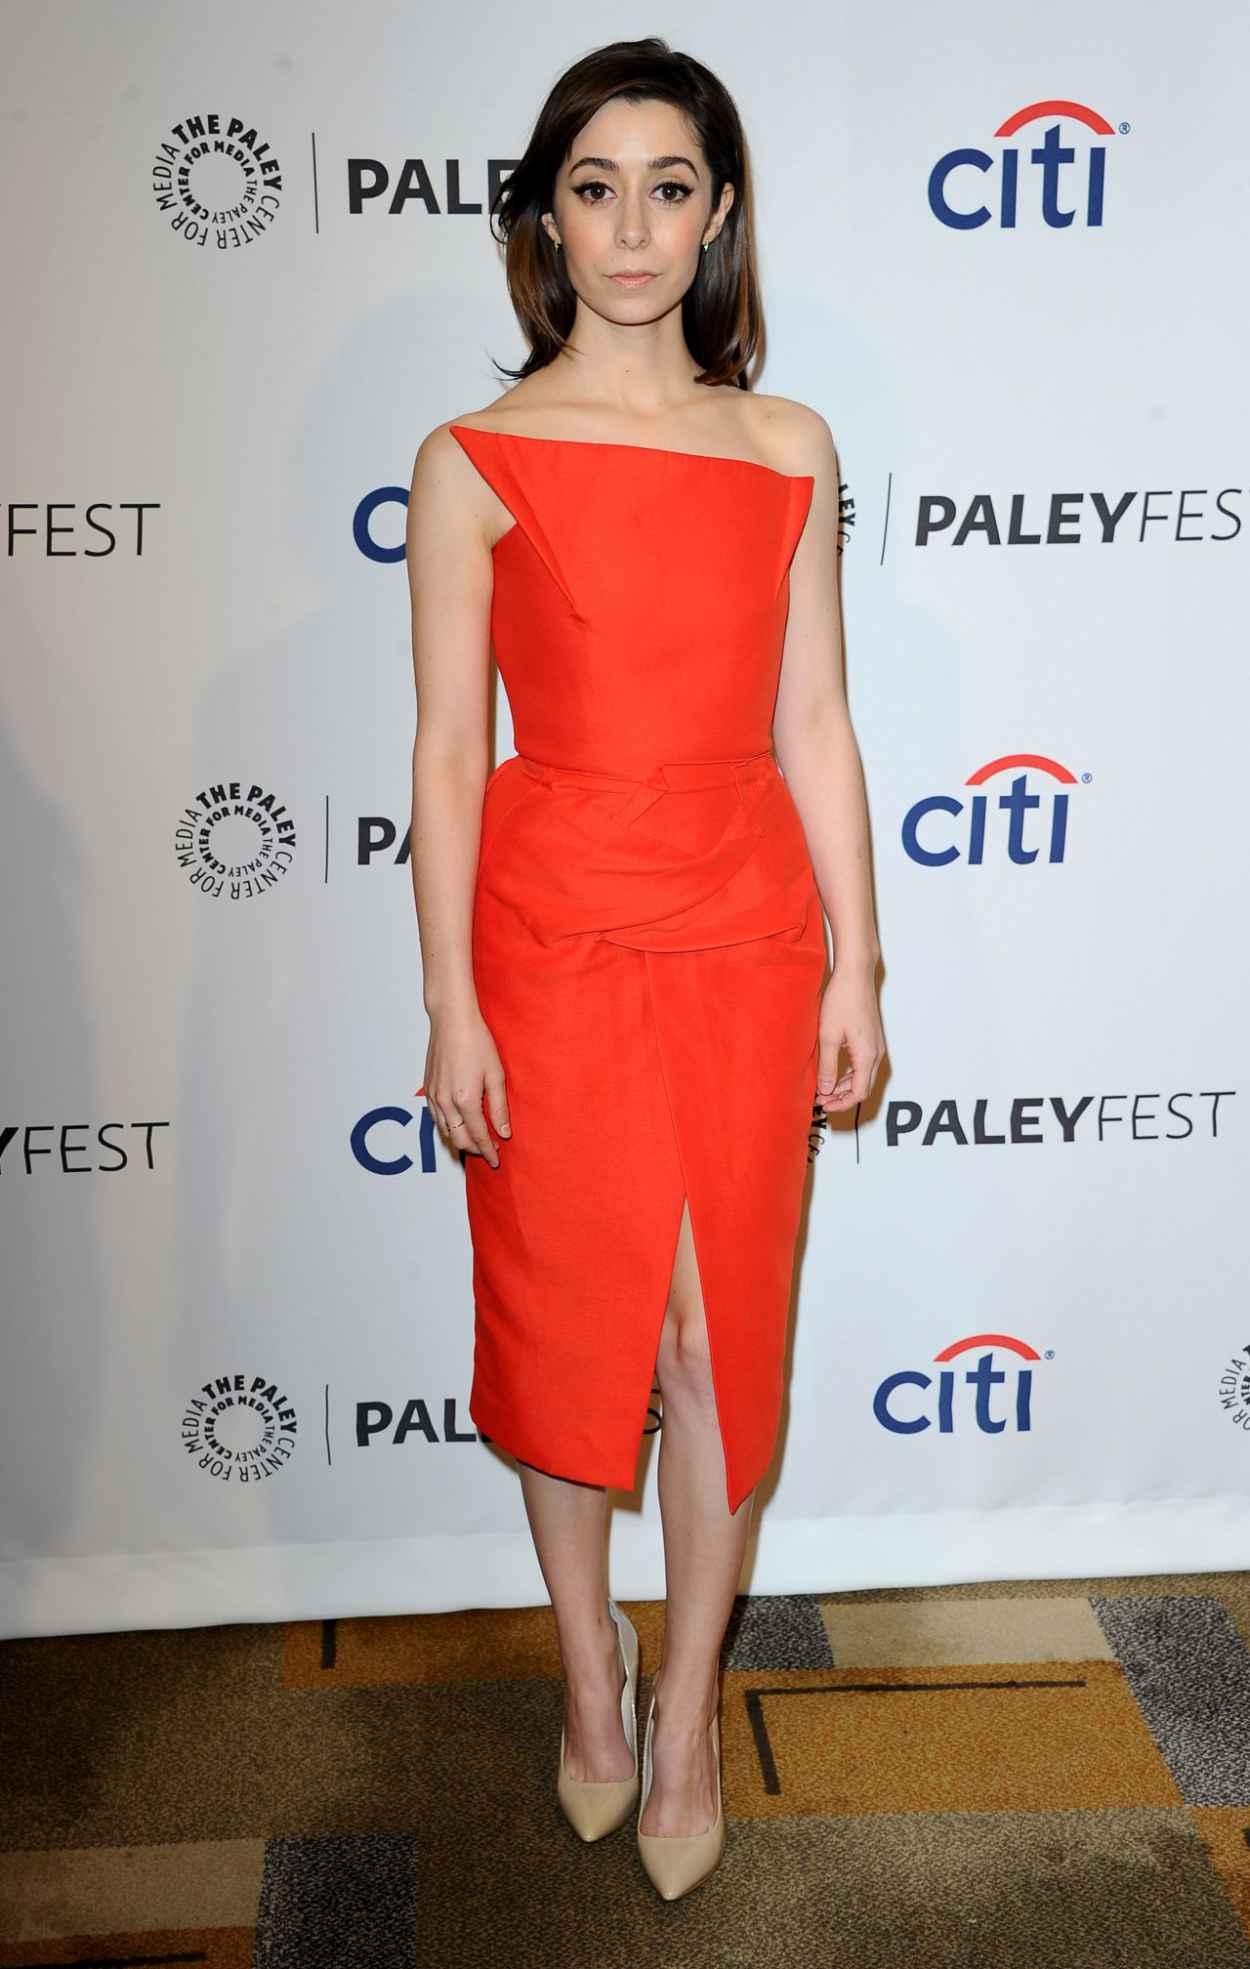 Cristin Milioti Wearing Roland Mouret -Verdink- Orange Dress - PaleyFest 2015-4